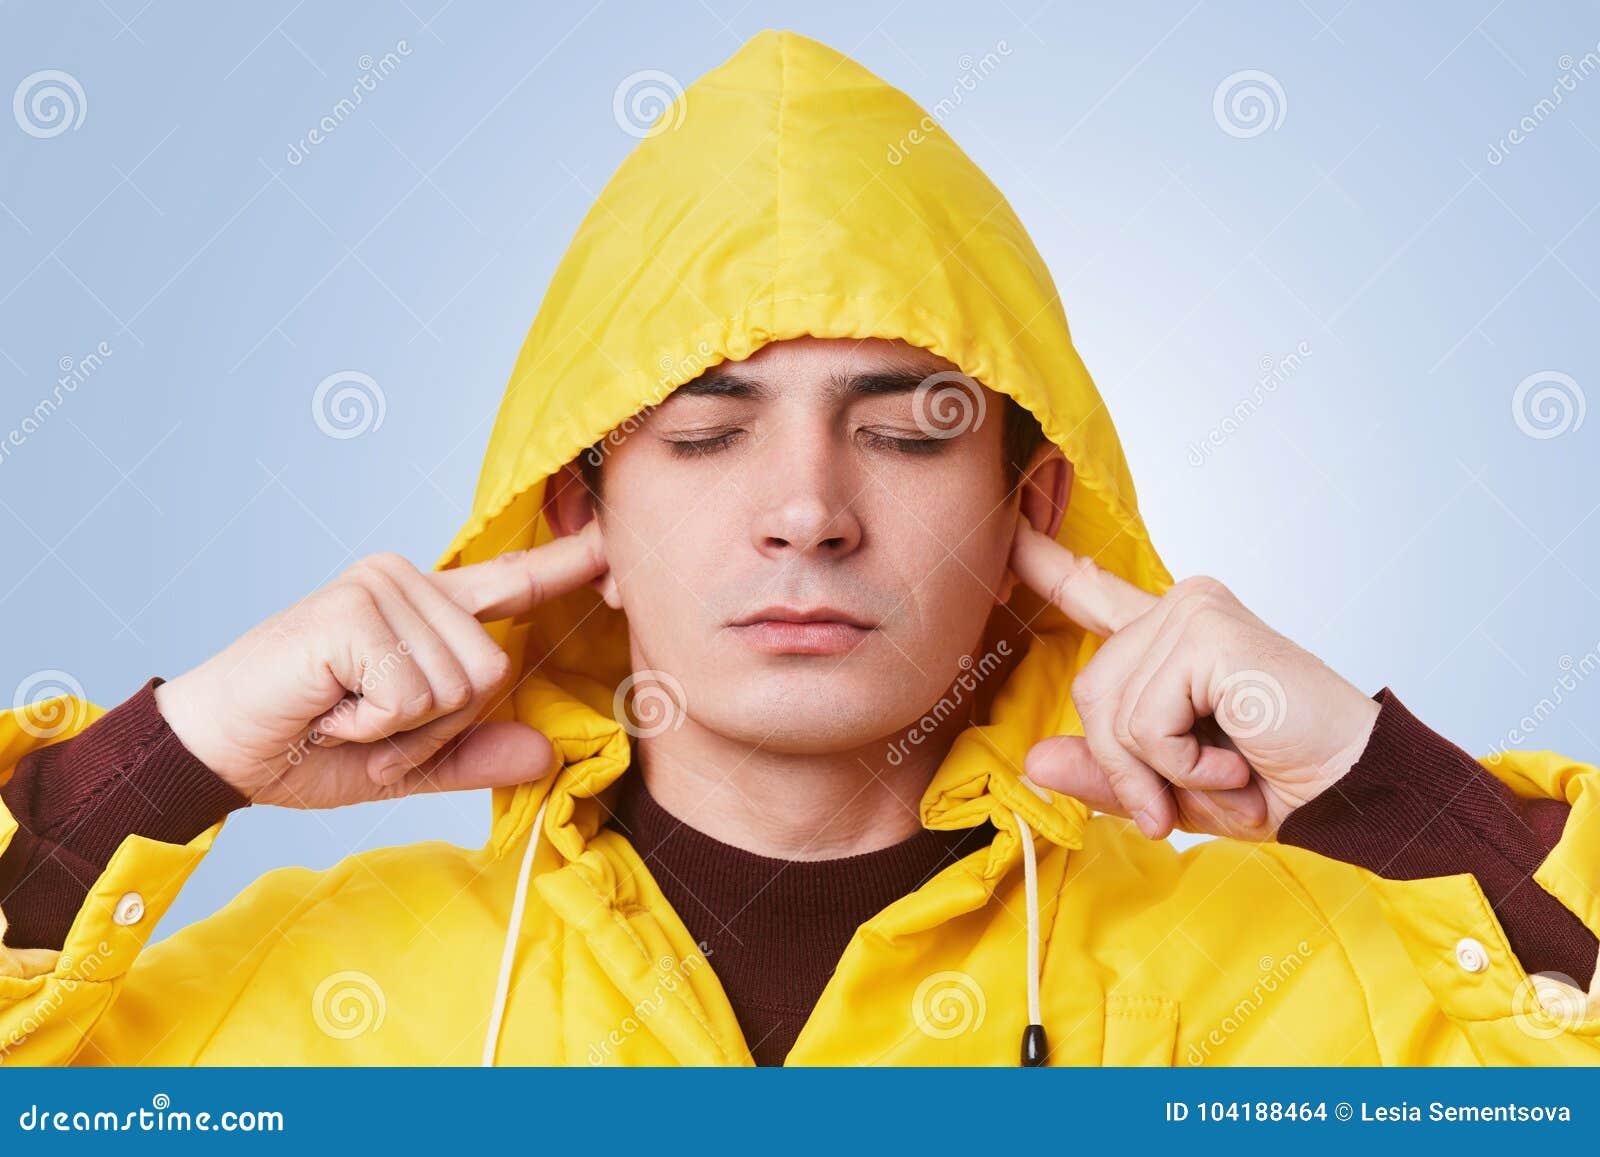 宁静的可爱的男性闭上眼睛并且塞住耳朵,尝试集中,并且听不到喧闹声,佩带在头, isola的黄色敞篷